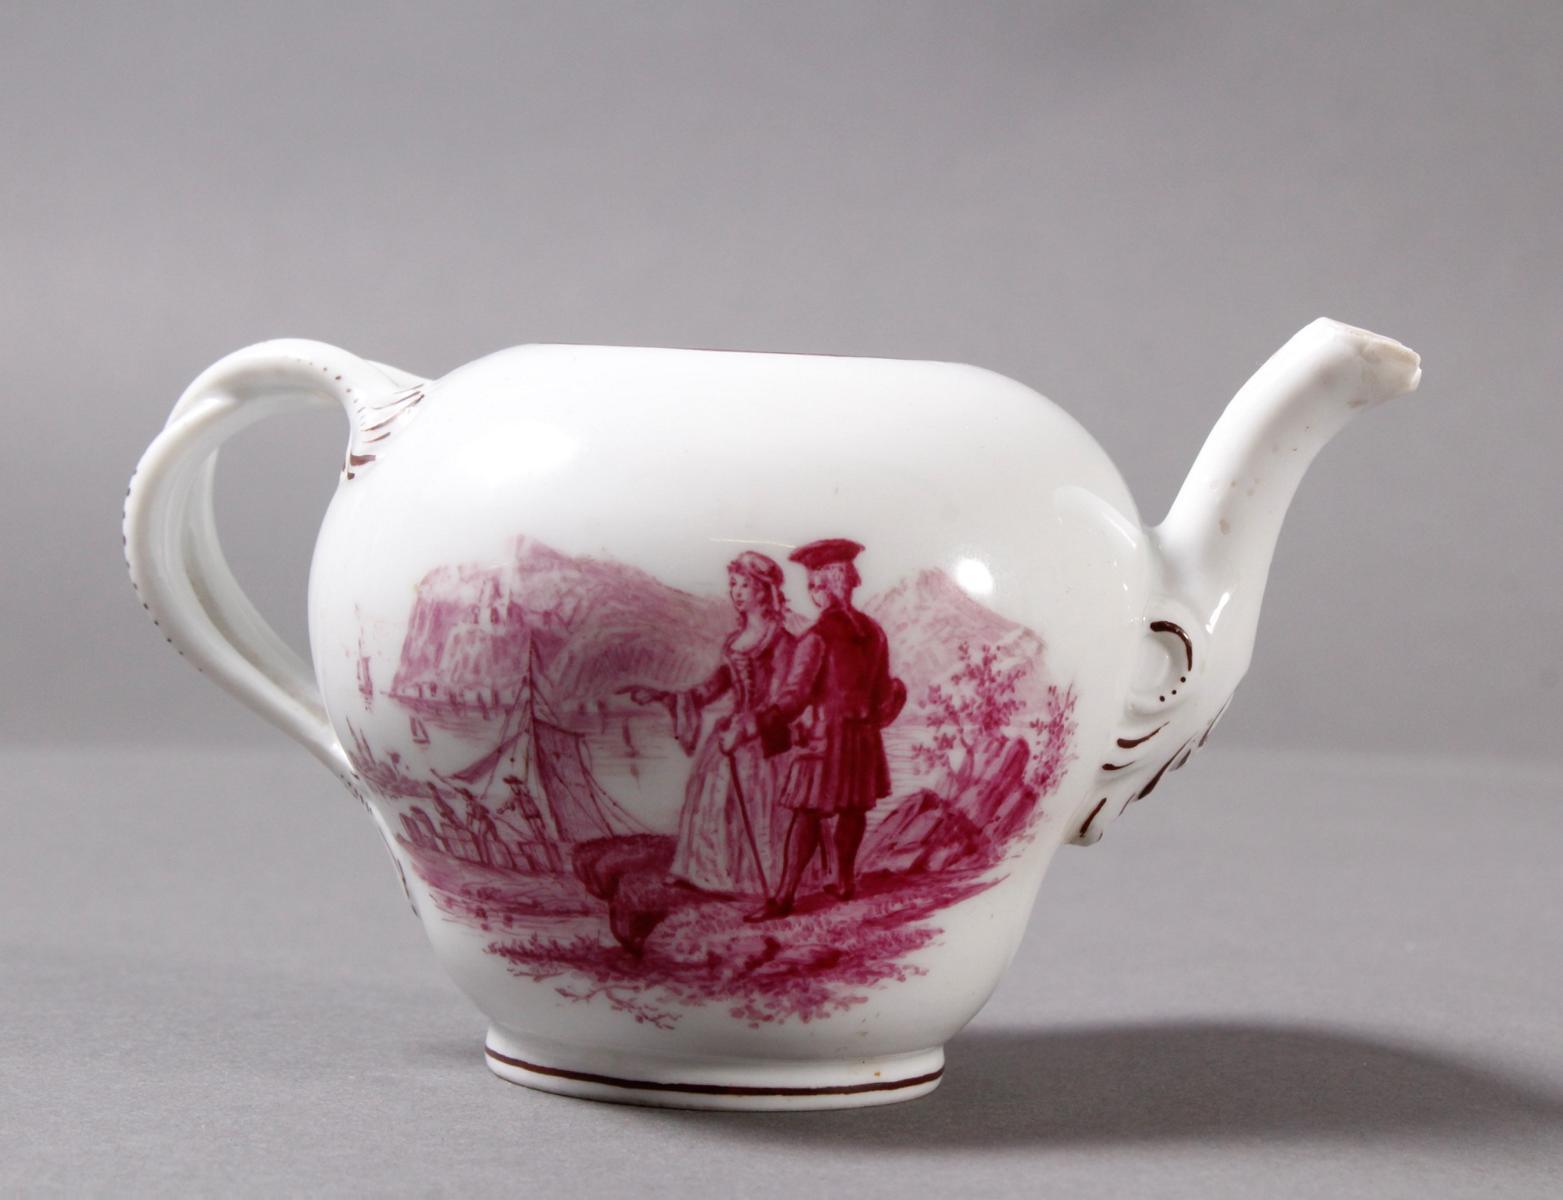 Kleines Meissen Porzellan Teekännchen um 1800